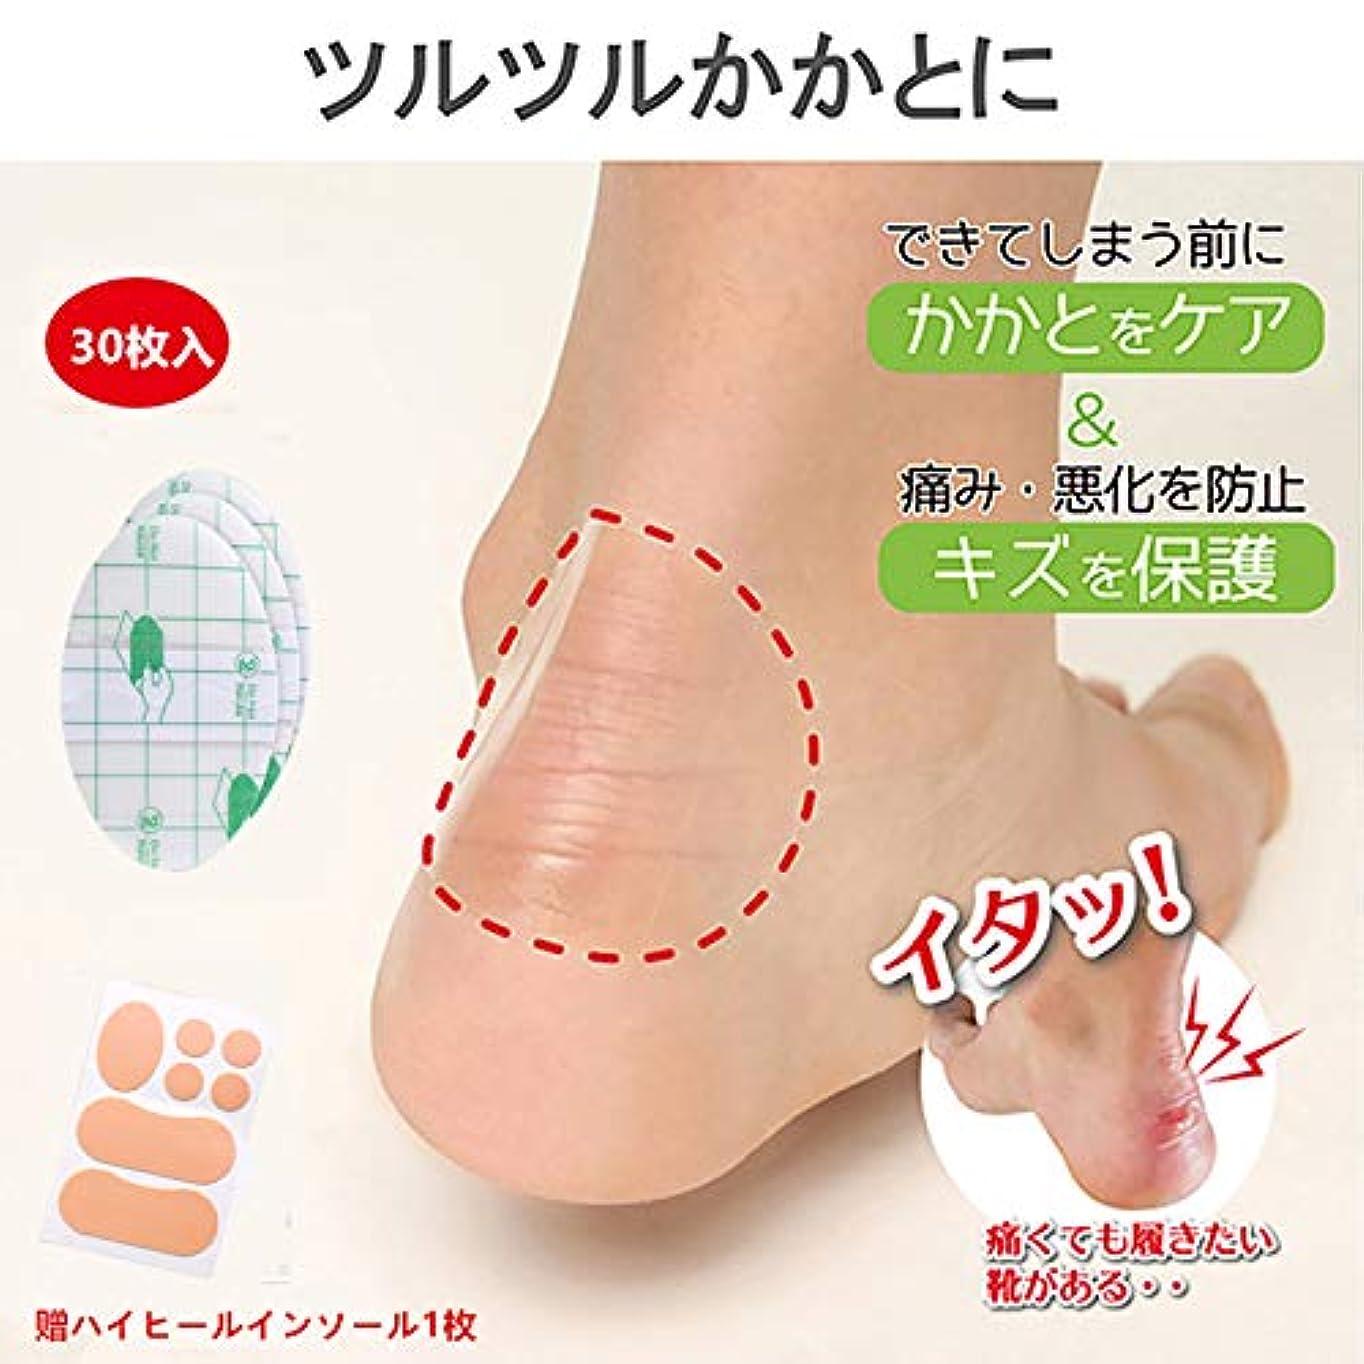 試してみる小道具中靴擦れ くつずれ防止 靴擦れケアシート 足首保護パッド ヒールブリスター防止 ヒールとガードスキン ブリスターパッド より速い癒しの創傷 30枚入